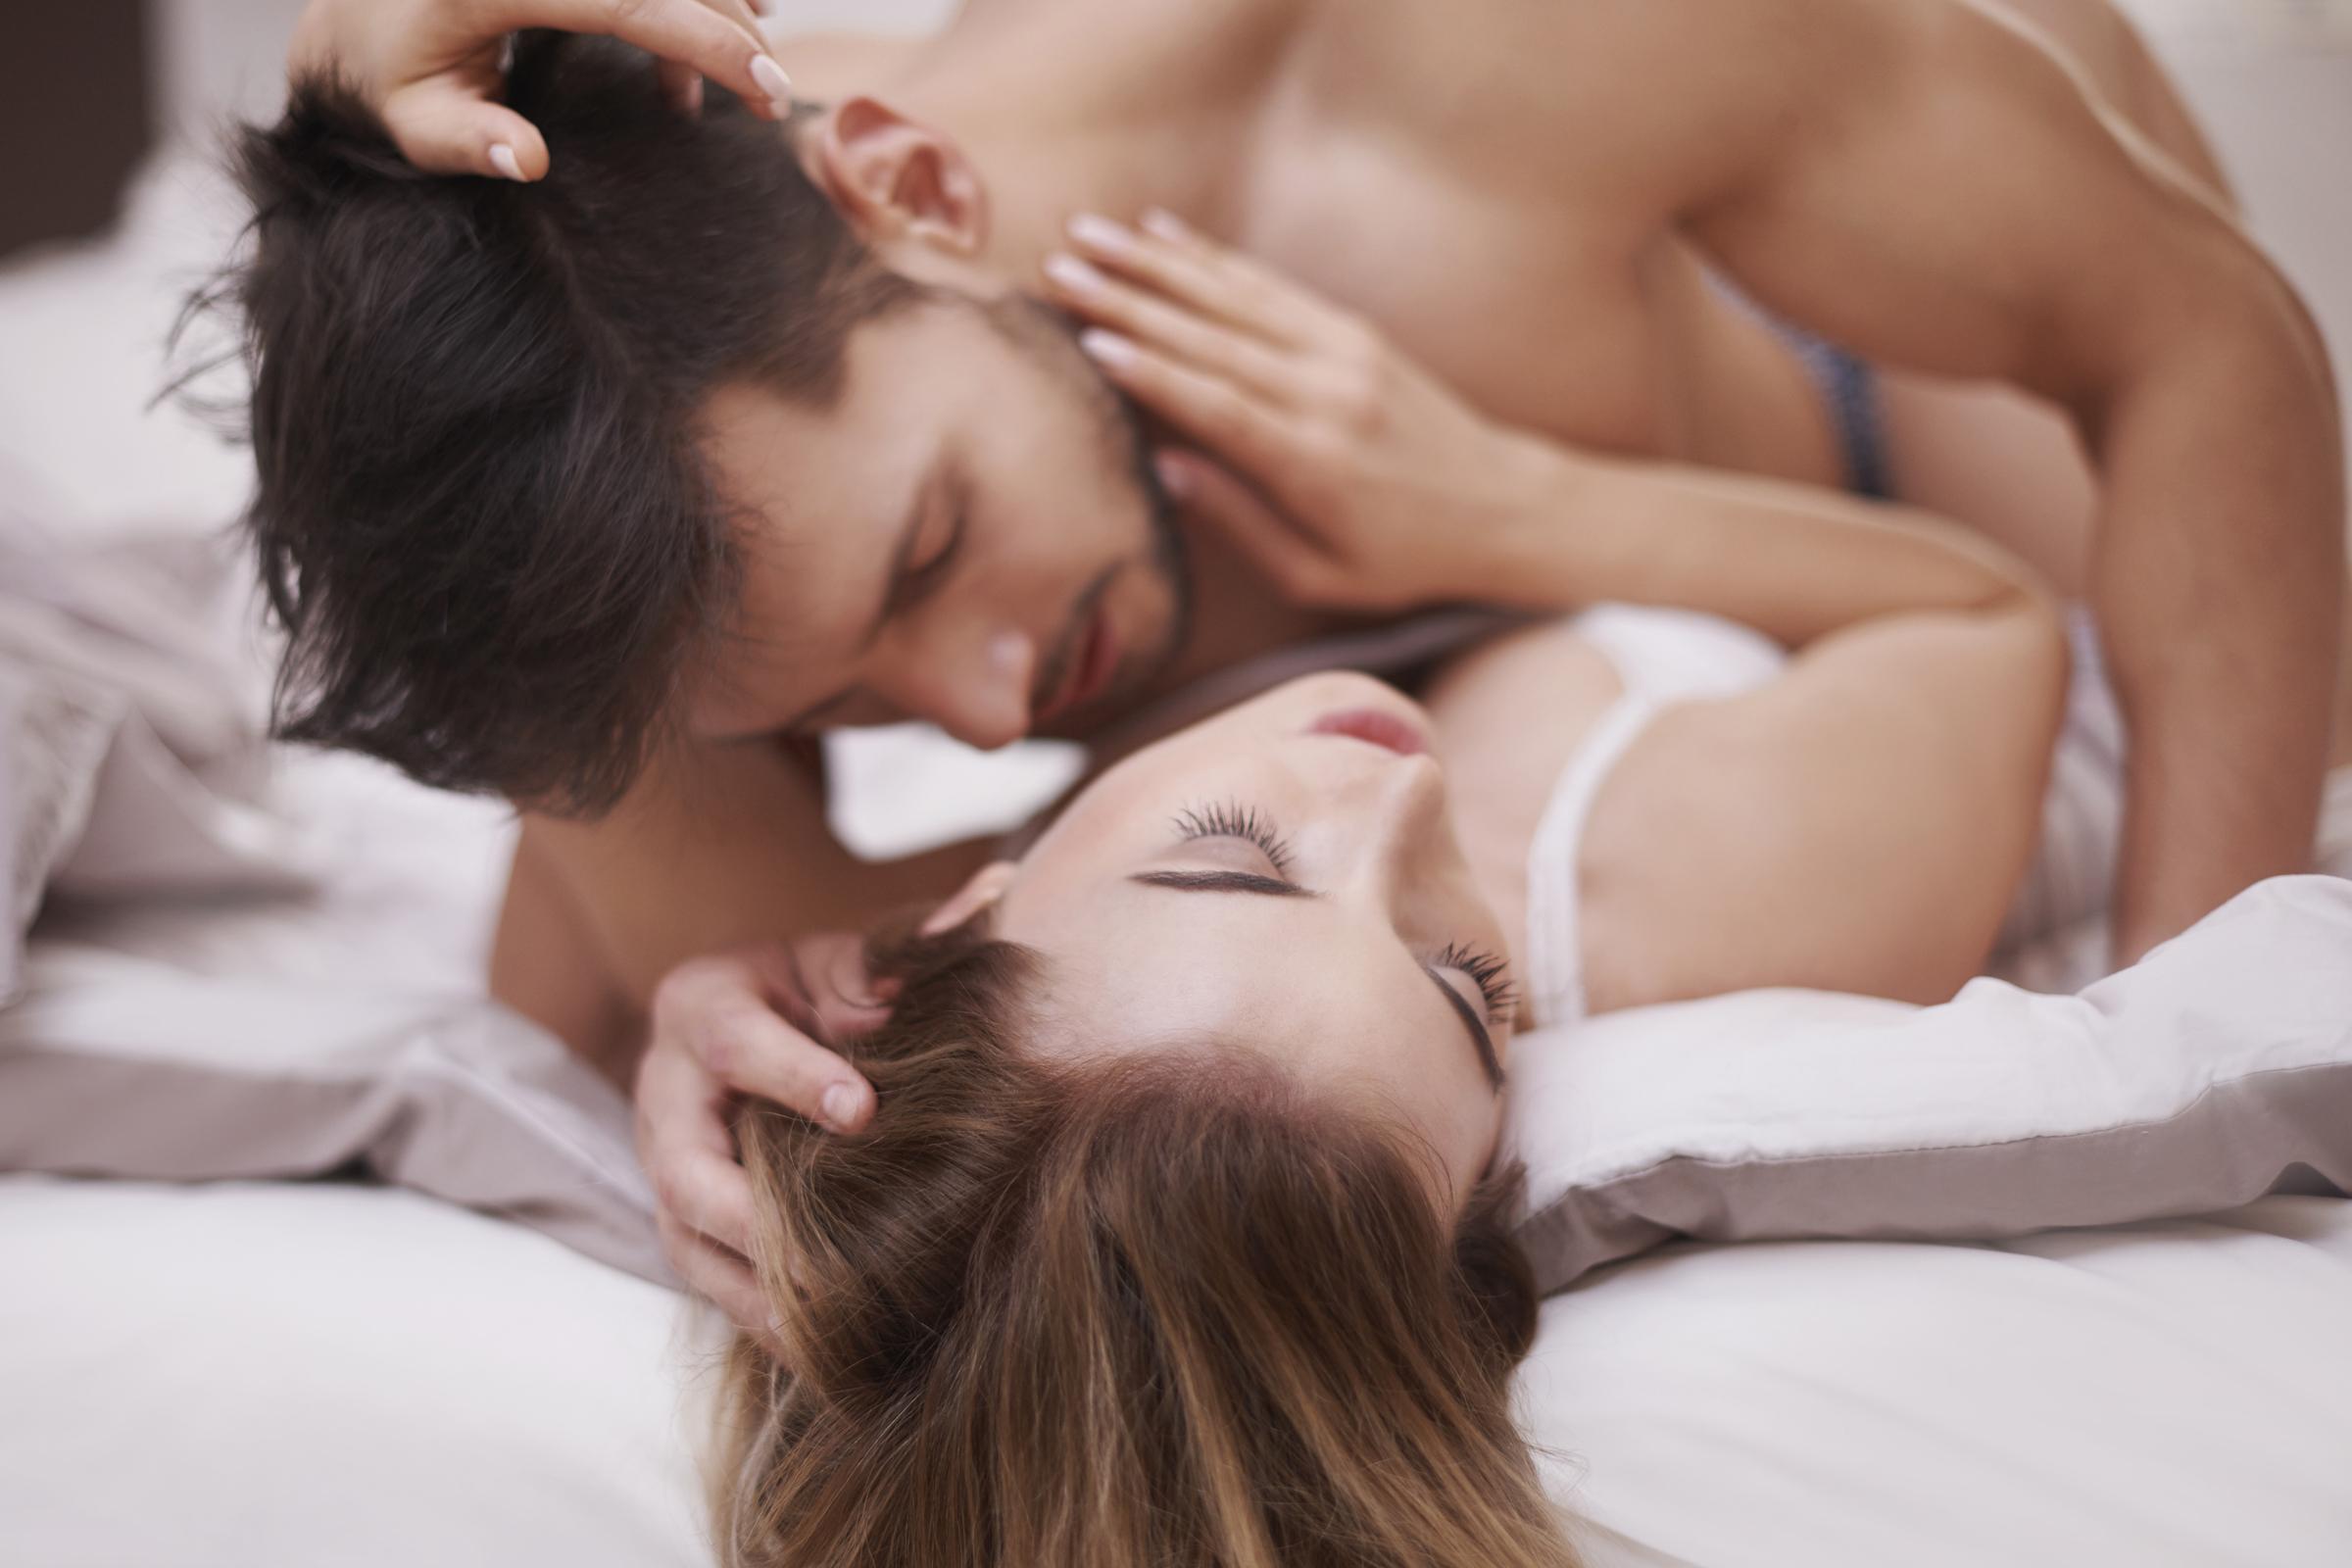 Szexuális élet kismedencei problémákkal és inkontinenciával